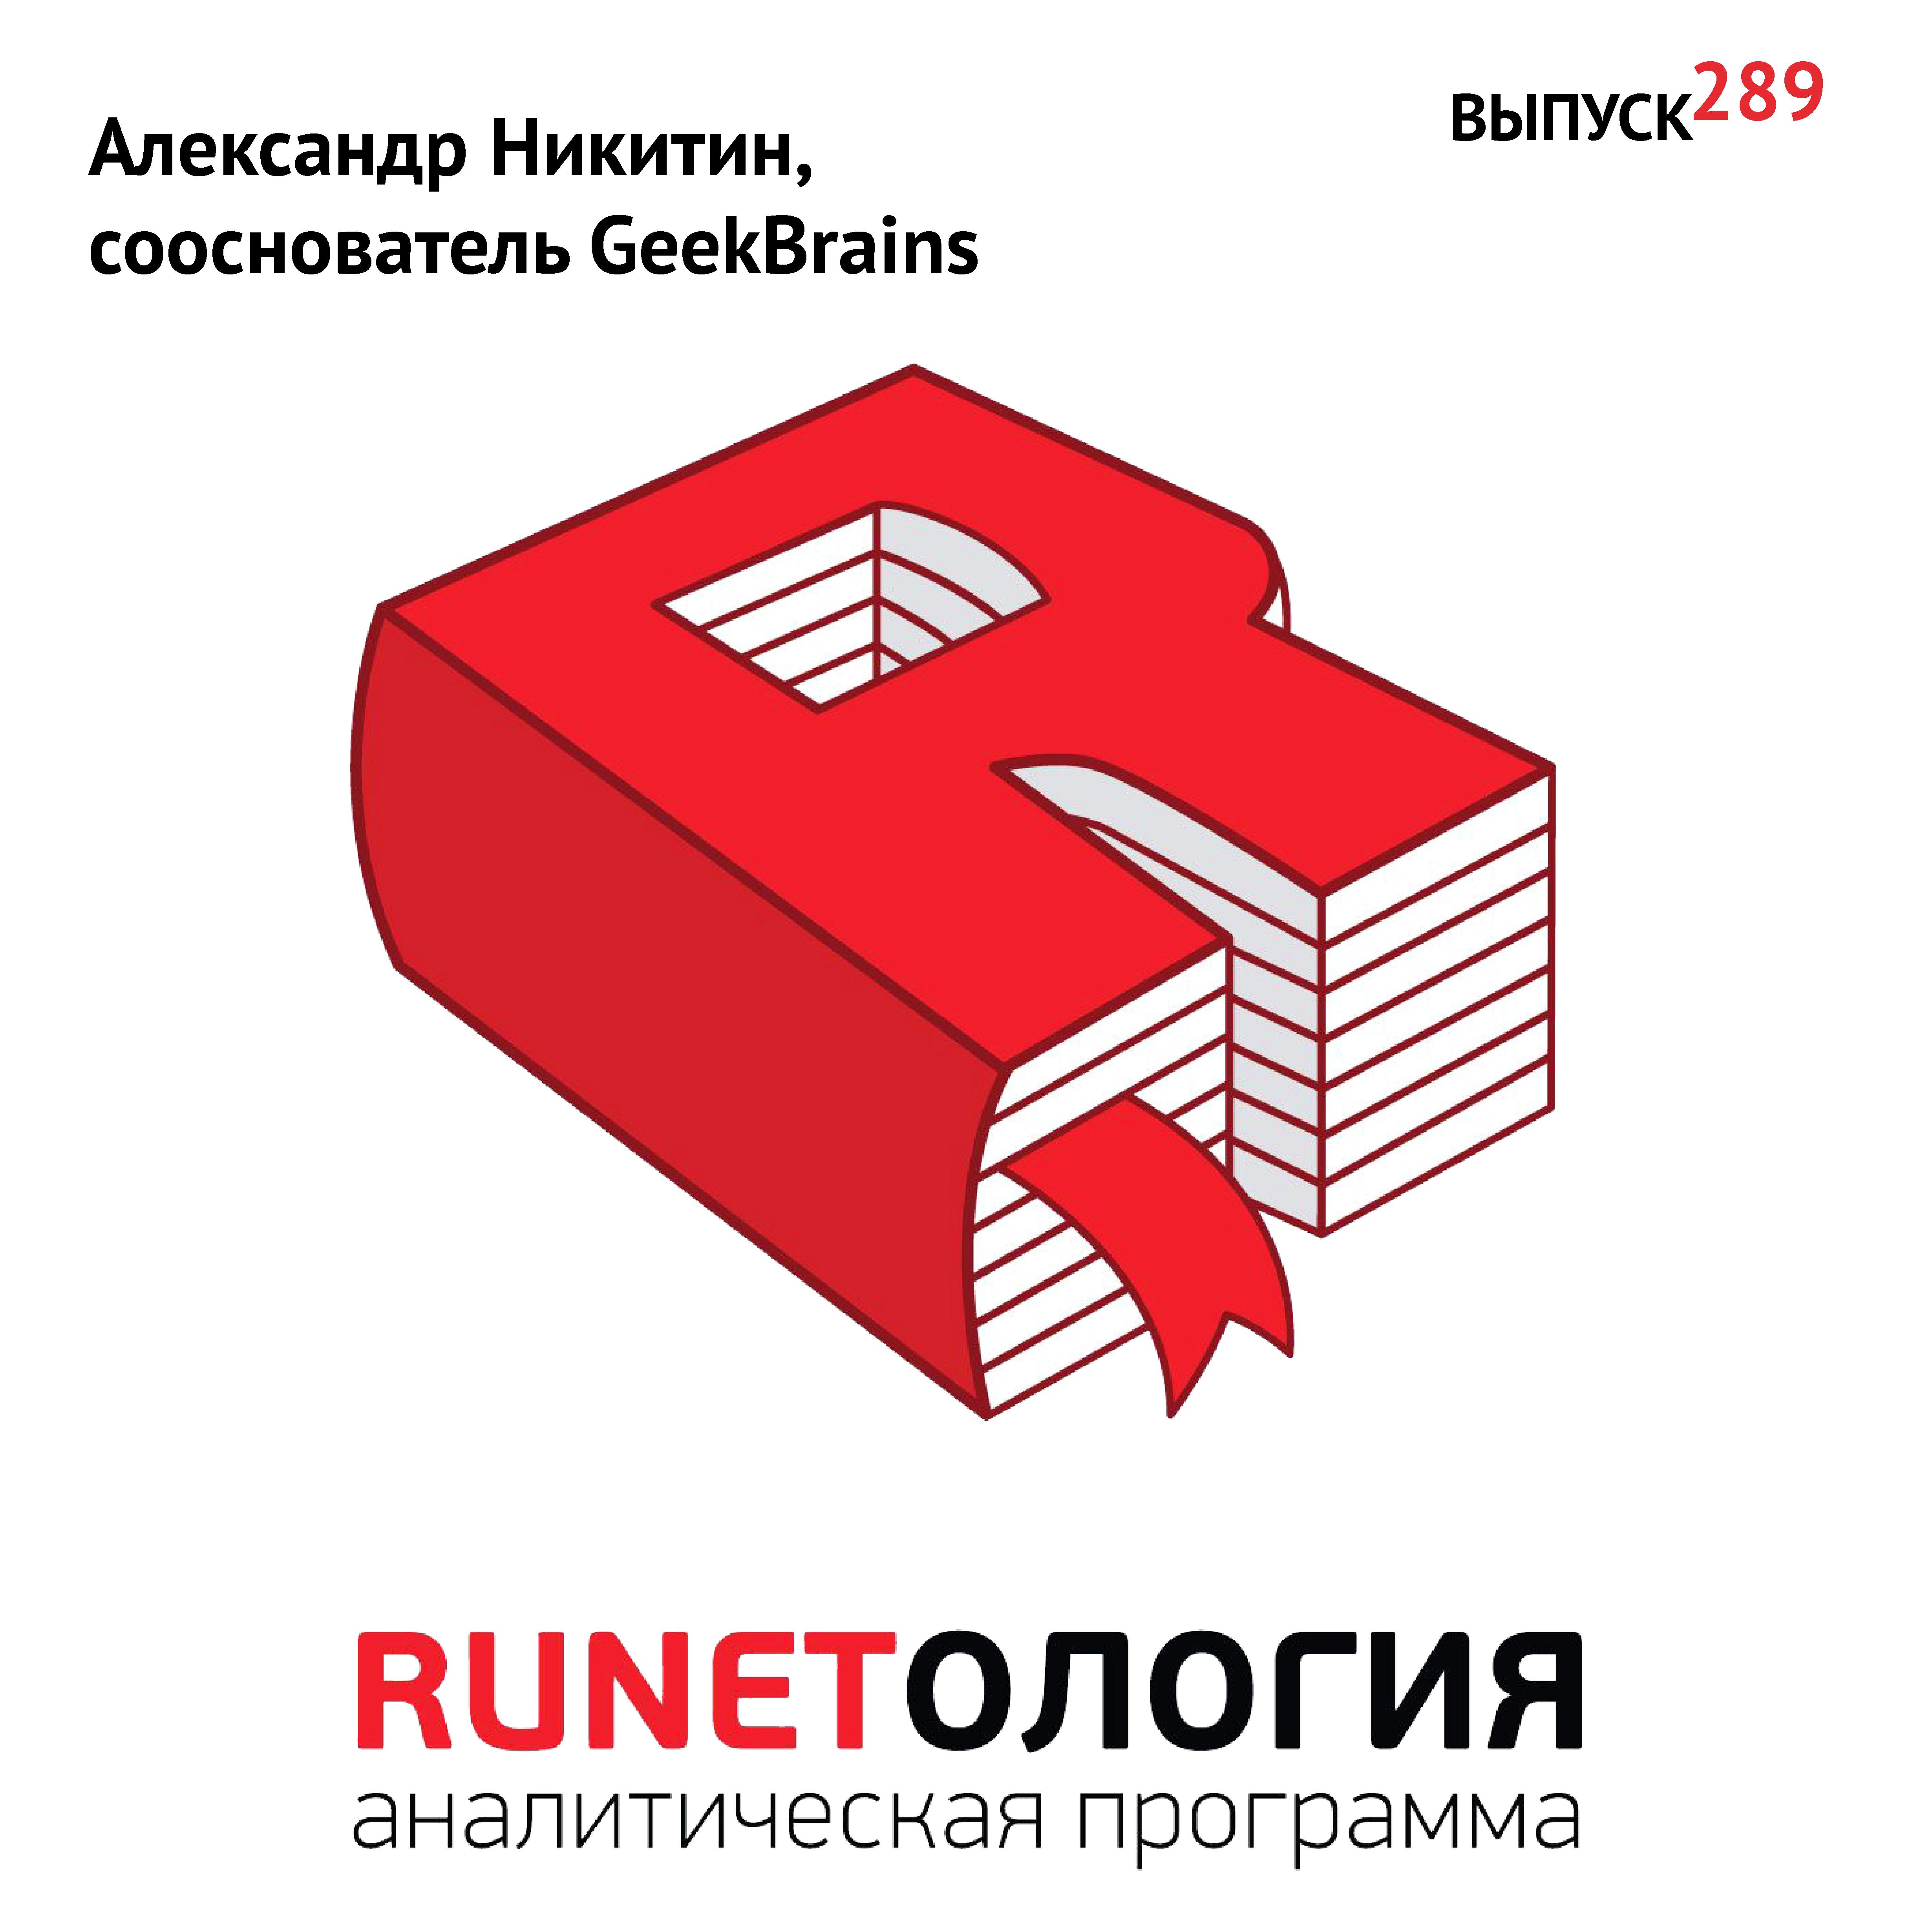 Максим Спиридонов Александр Никитин, сооснователь GeekBrains максим спиридонов николай шестаков сооснователь social tank